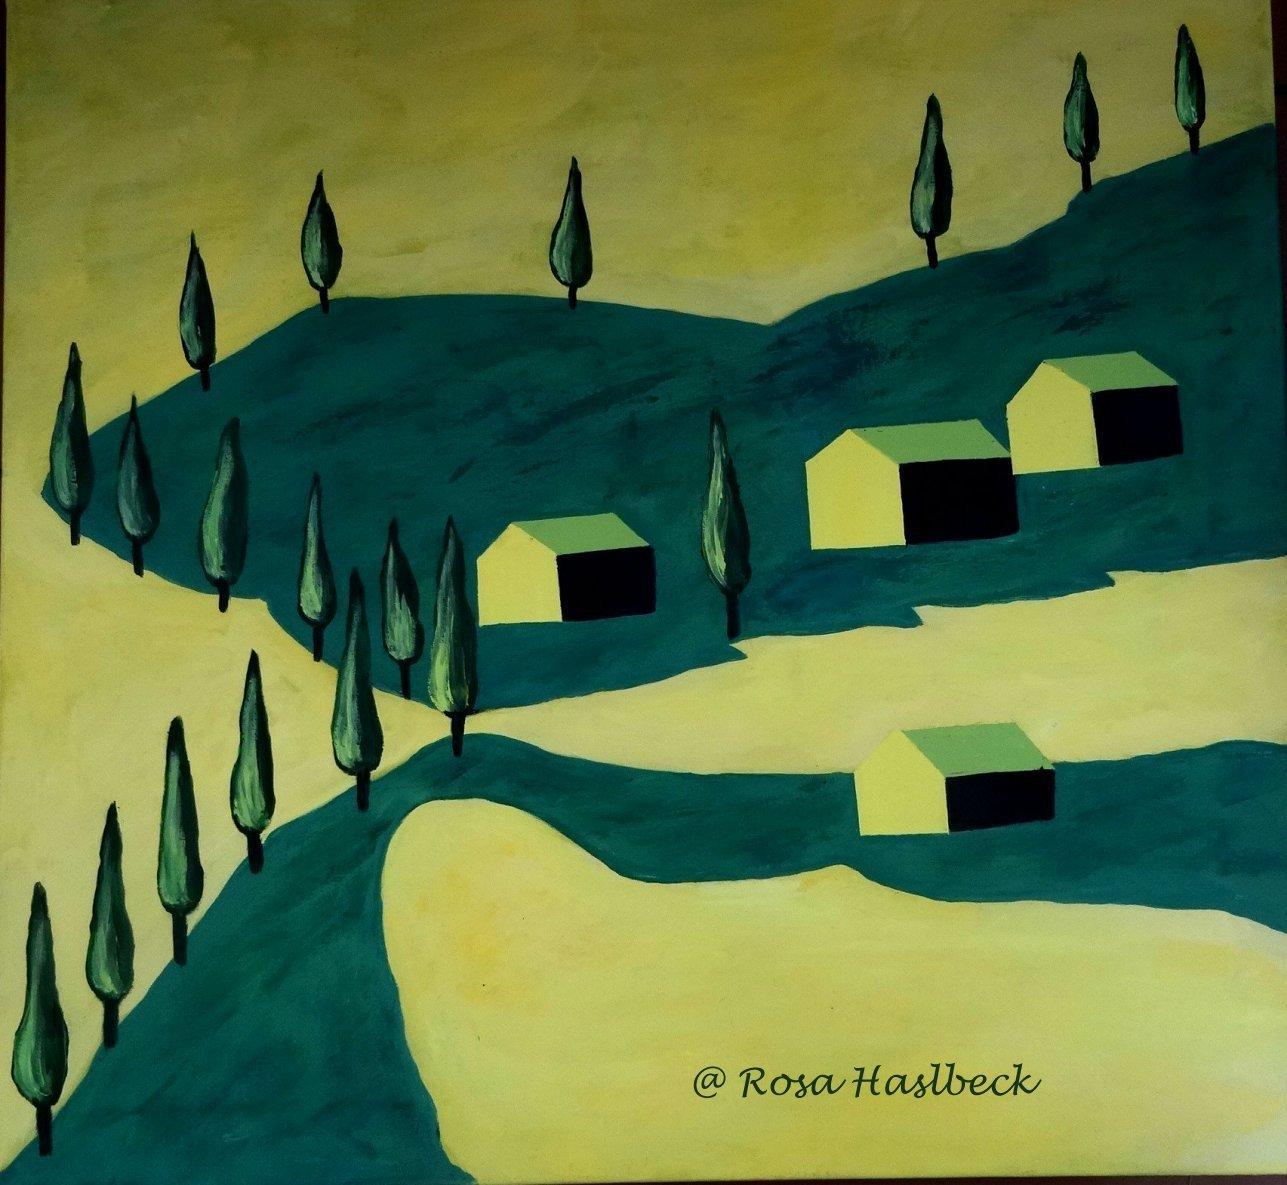 Acrylbild Toskana - Malen, Baum, Gelb, Haus von Rosa ...